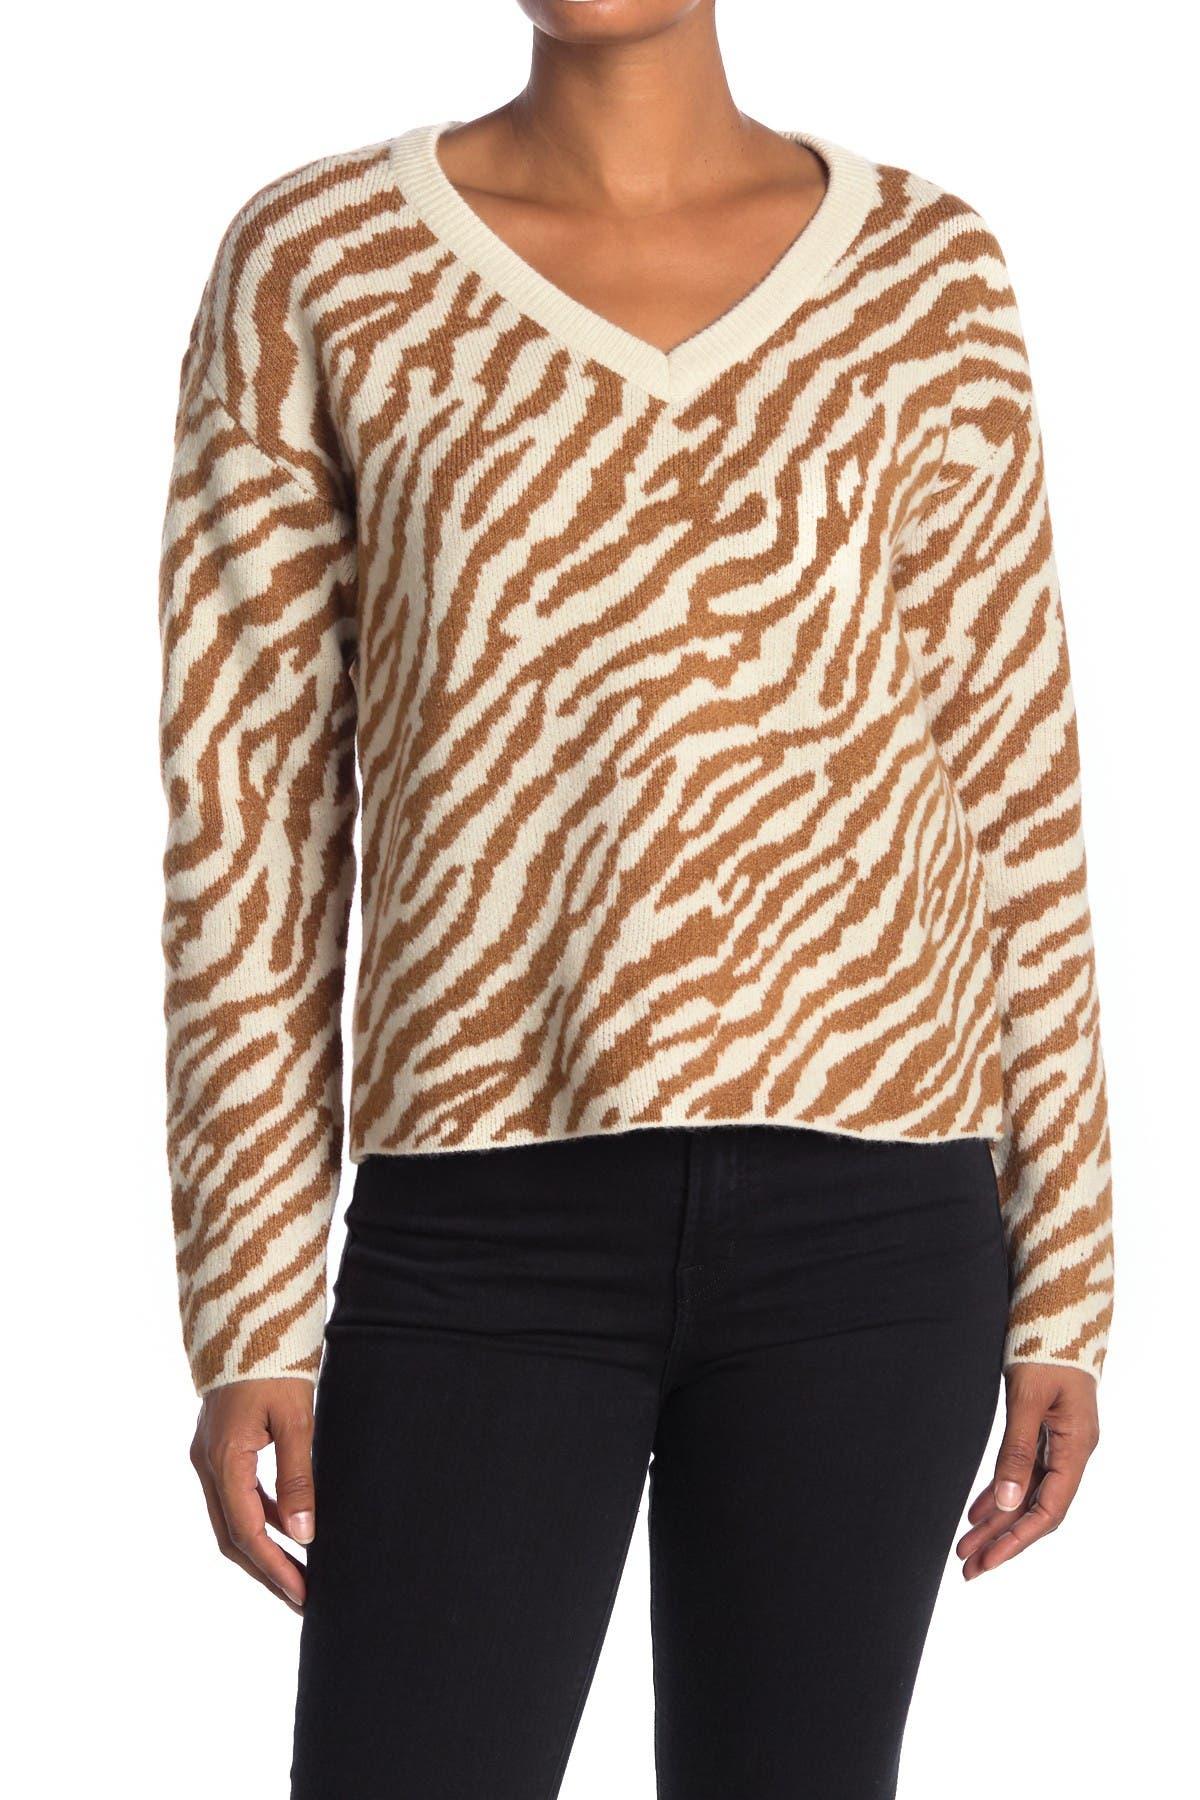 Image of VERO MODA V-Neck Zebra Stripe Print Sweater